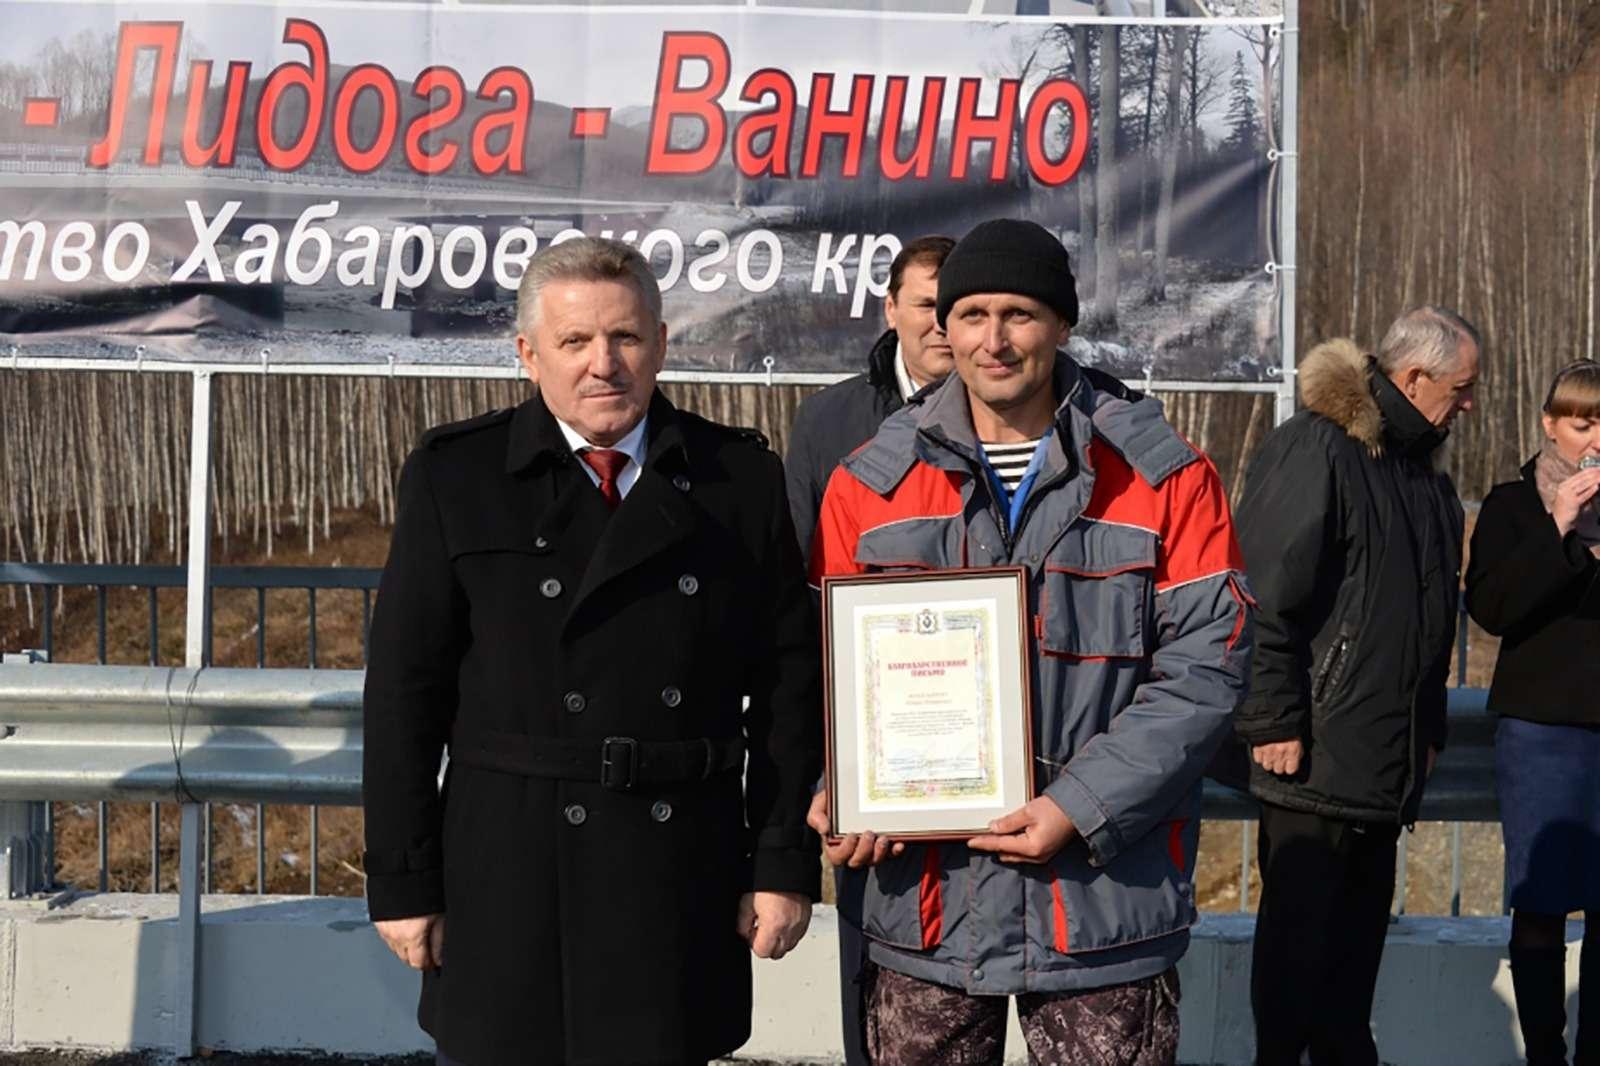 В Хабаровском крае доделали дорогу, которую строили 20лет— фото 811210